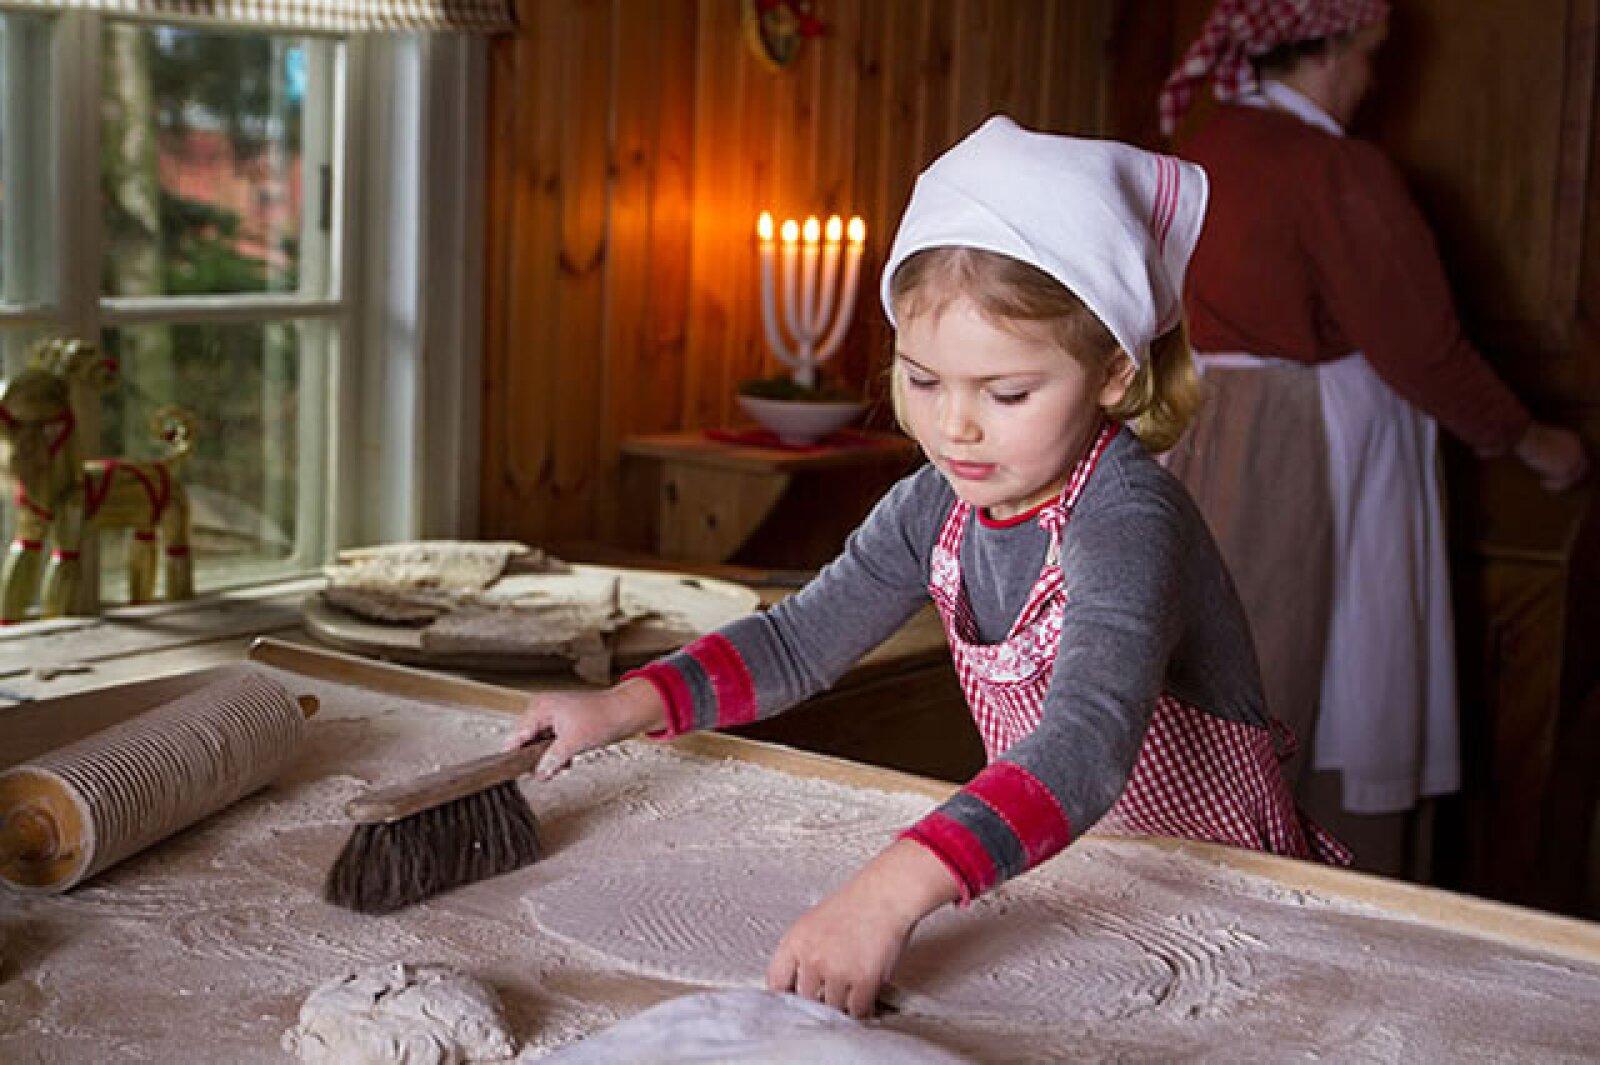 Estelle de Suecia preparando un pan tradicional para la sesión de fotos navideña de su familia.